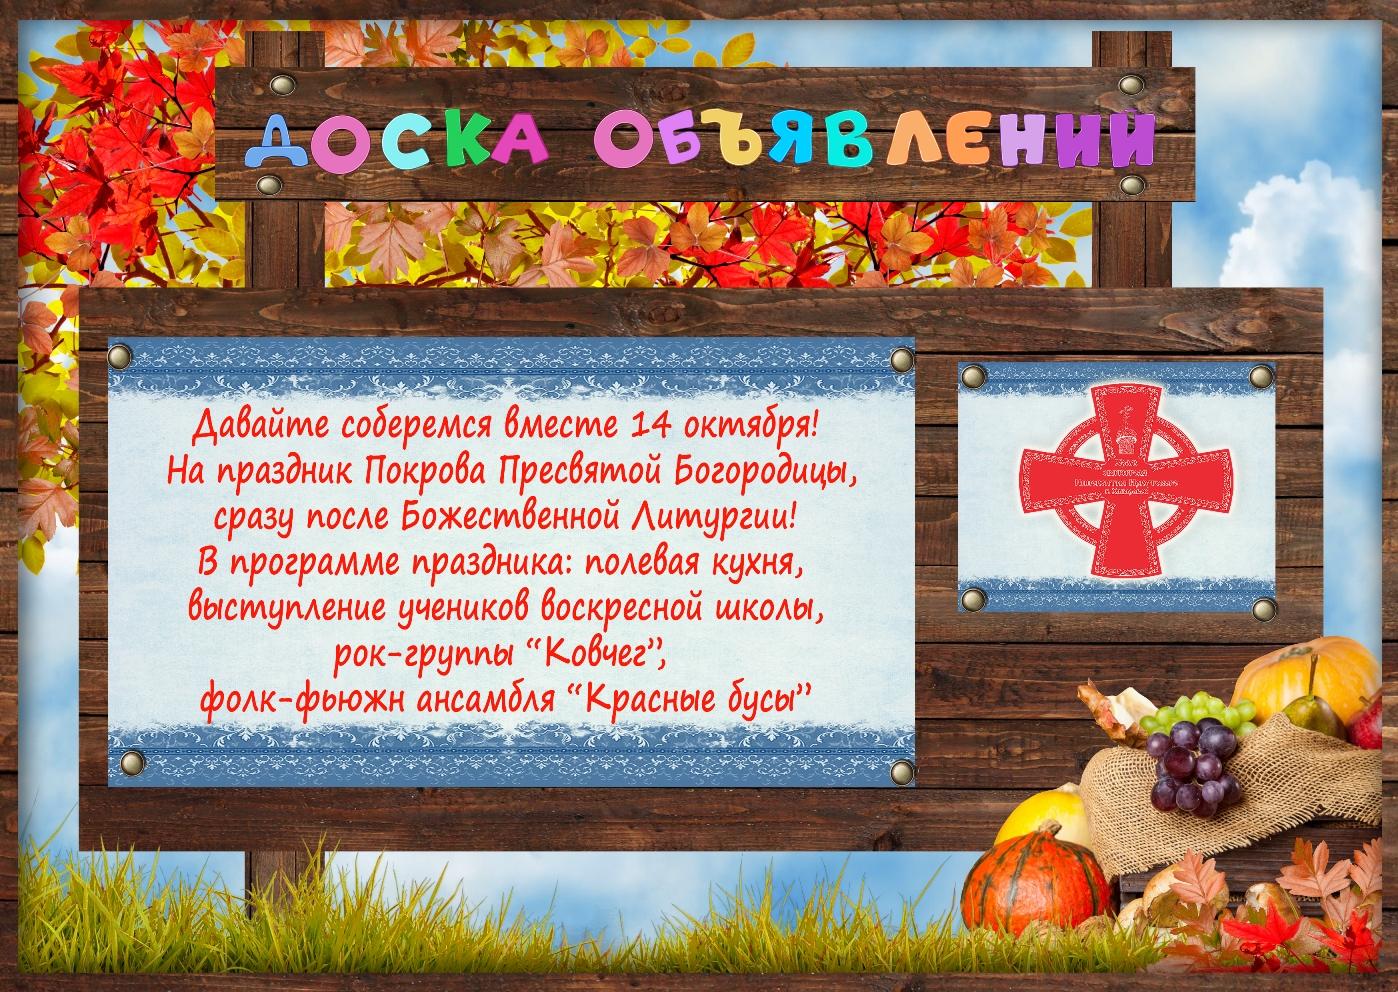 obyava-pochti